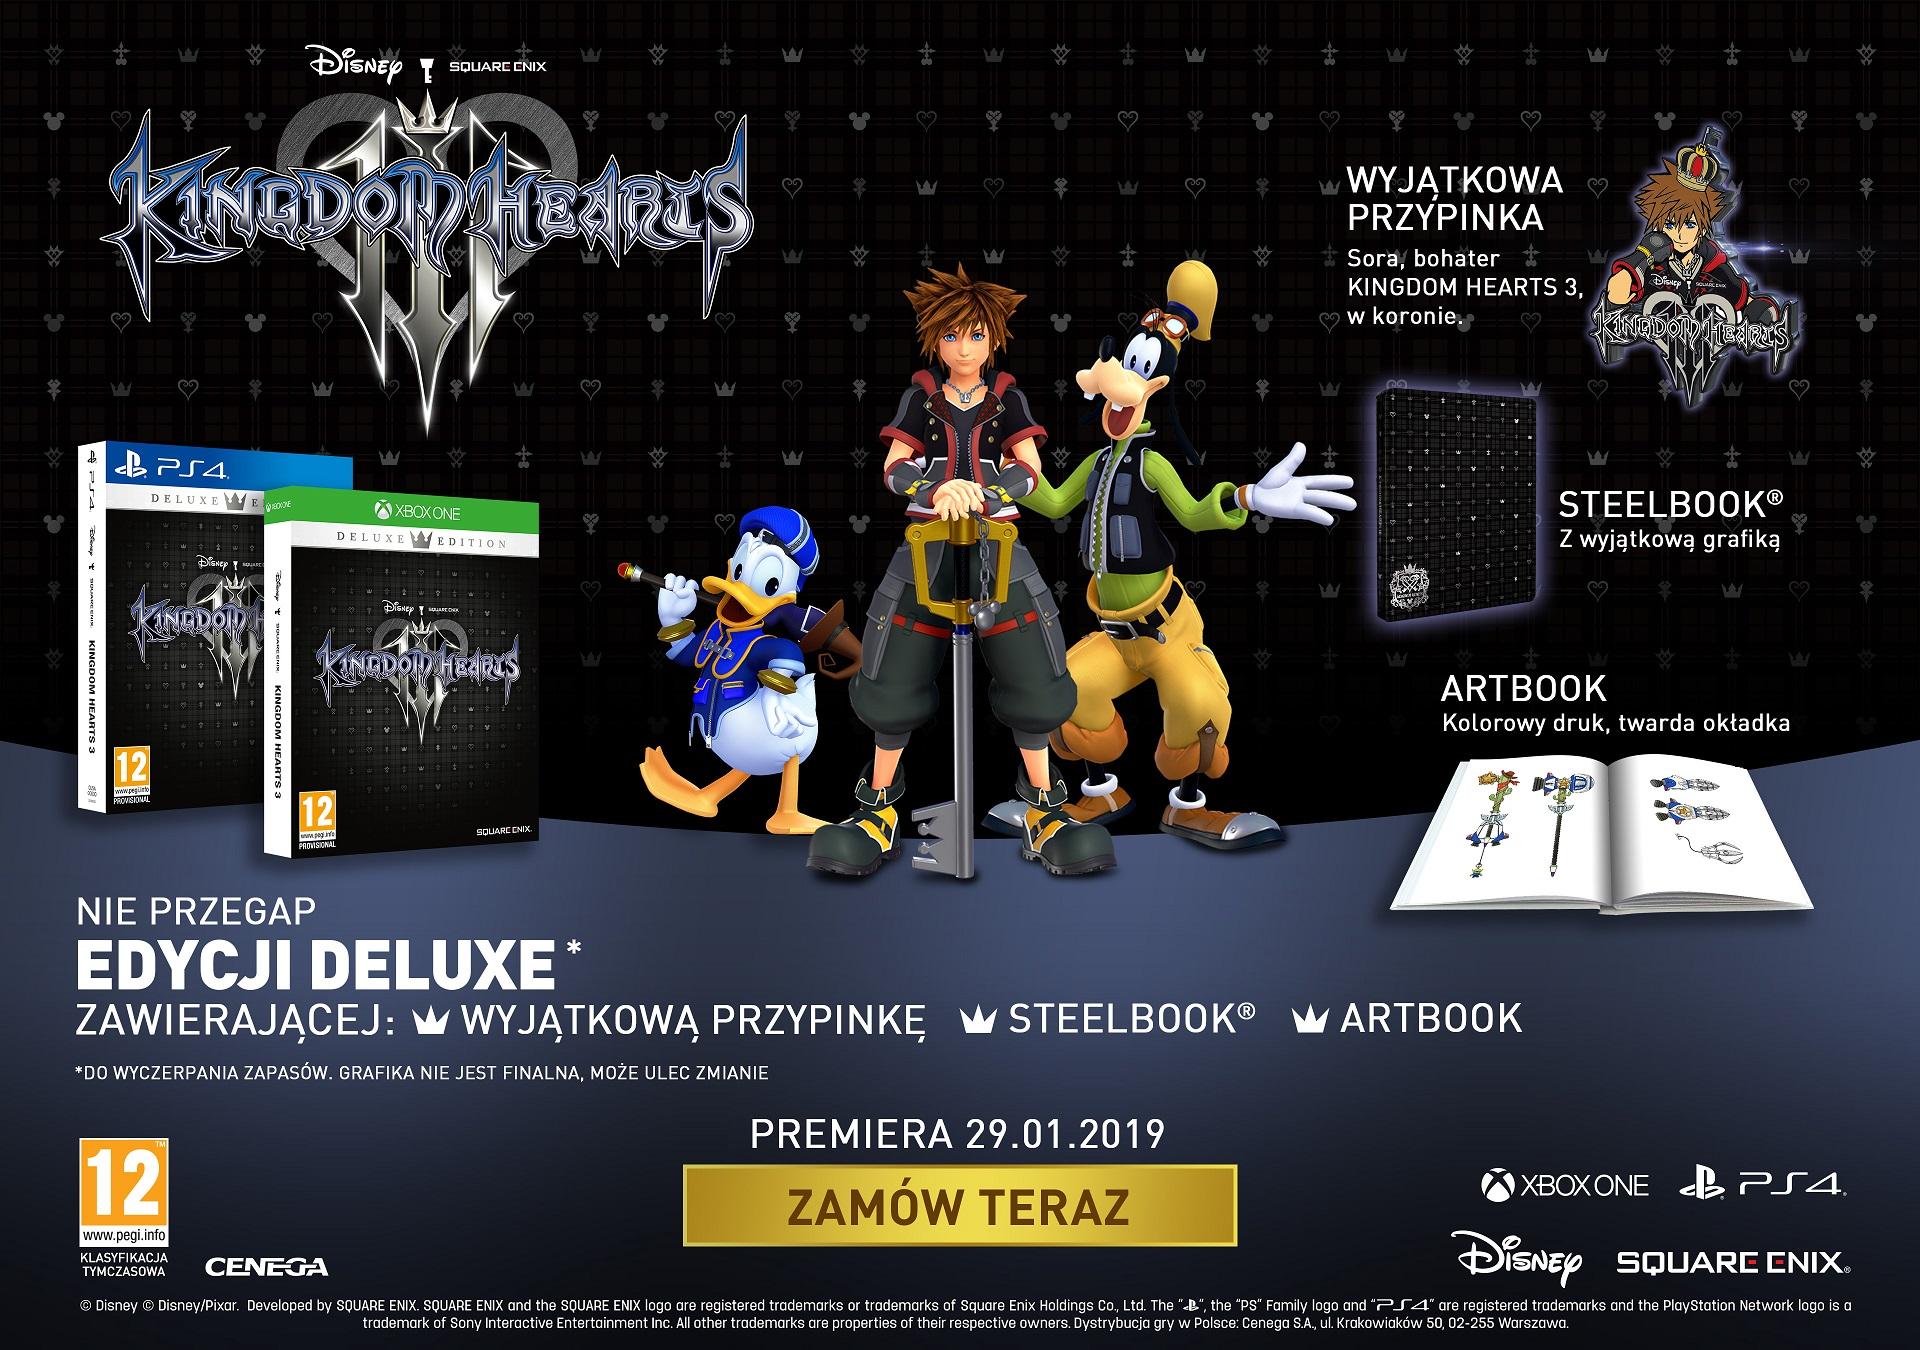 kingdom hearts 3 - edycja deluxe